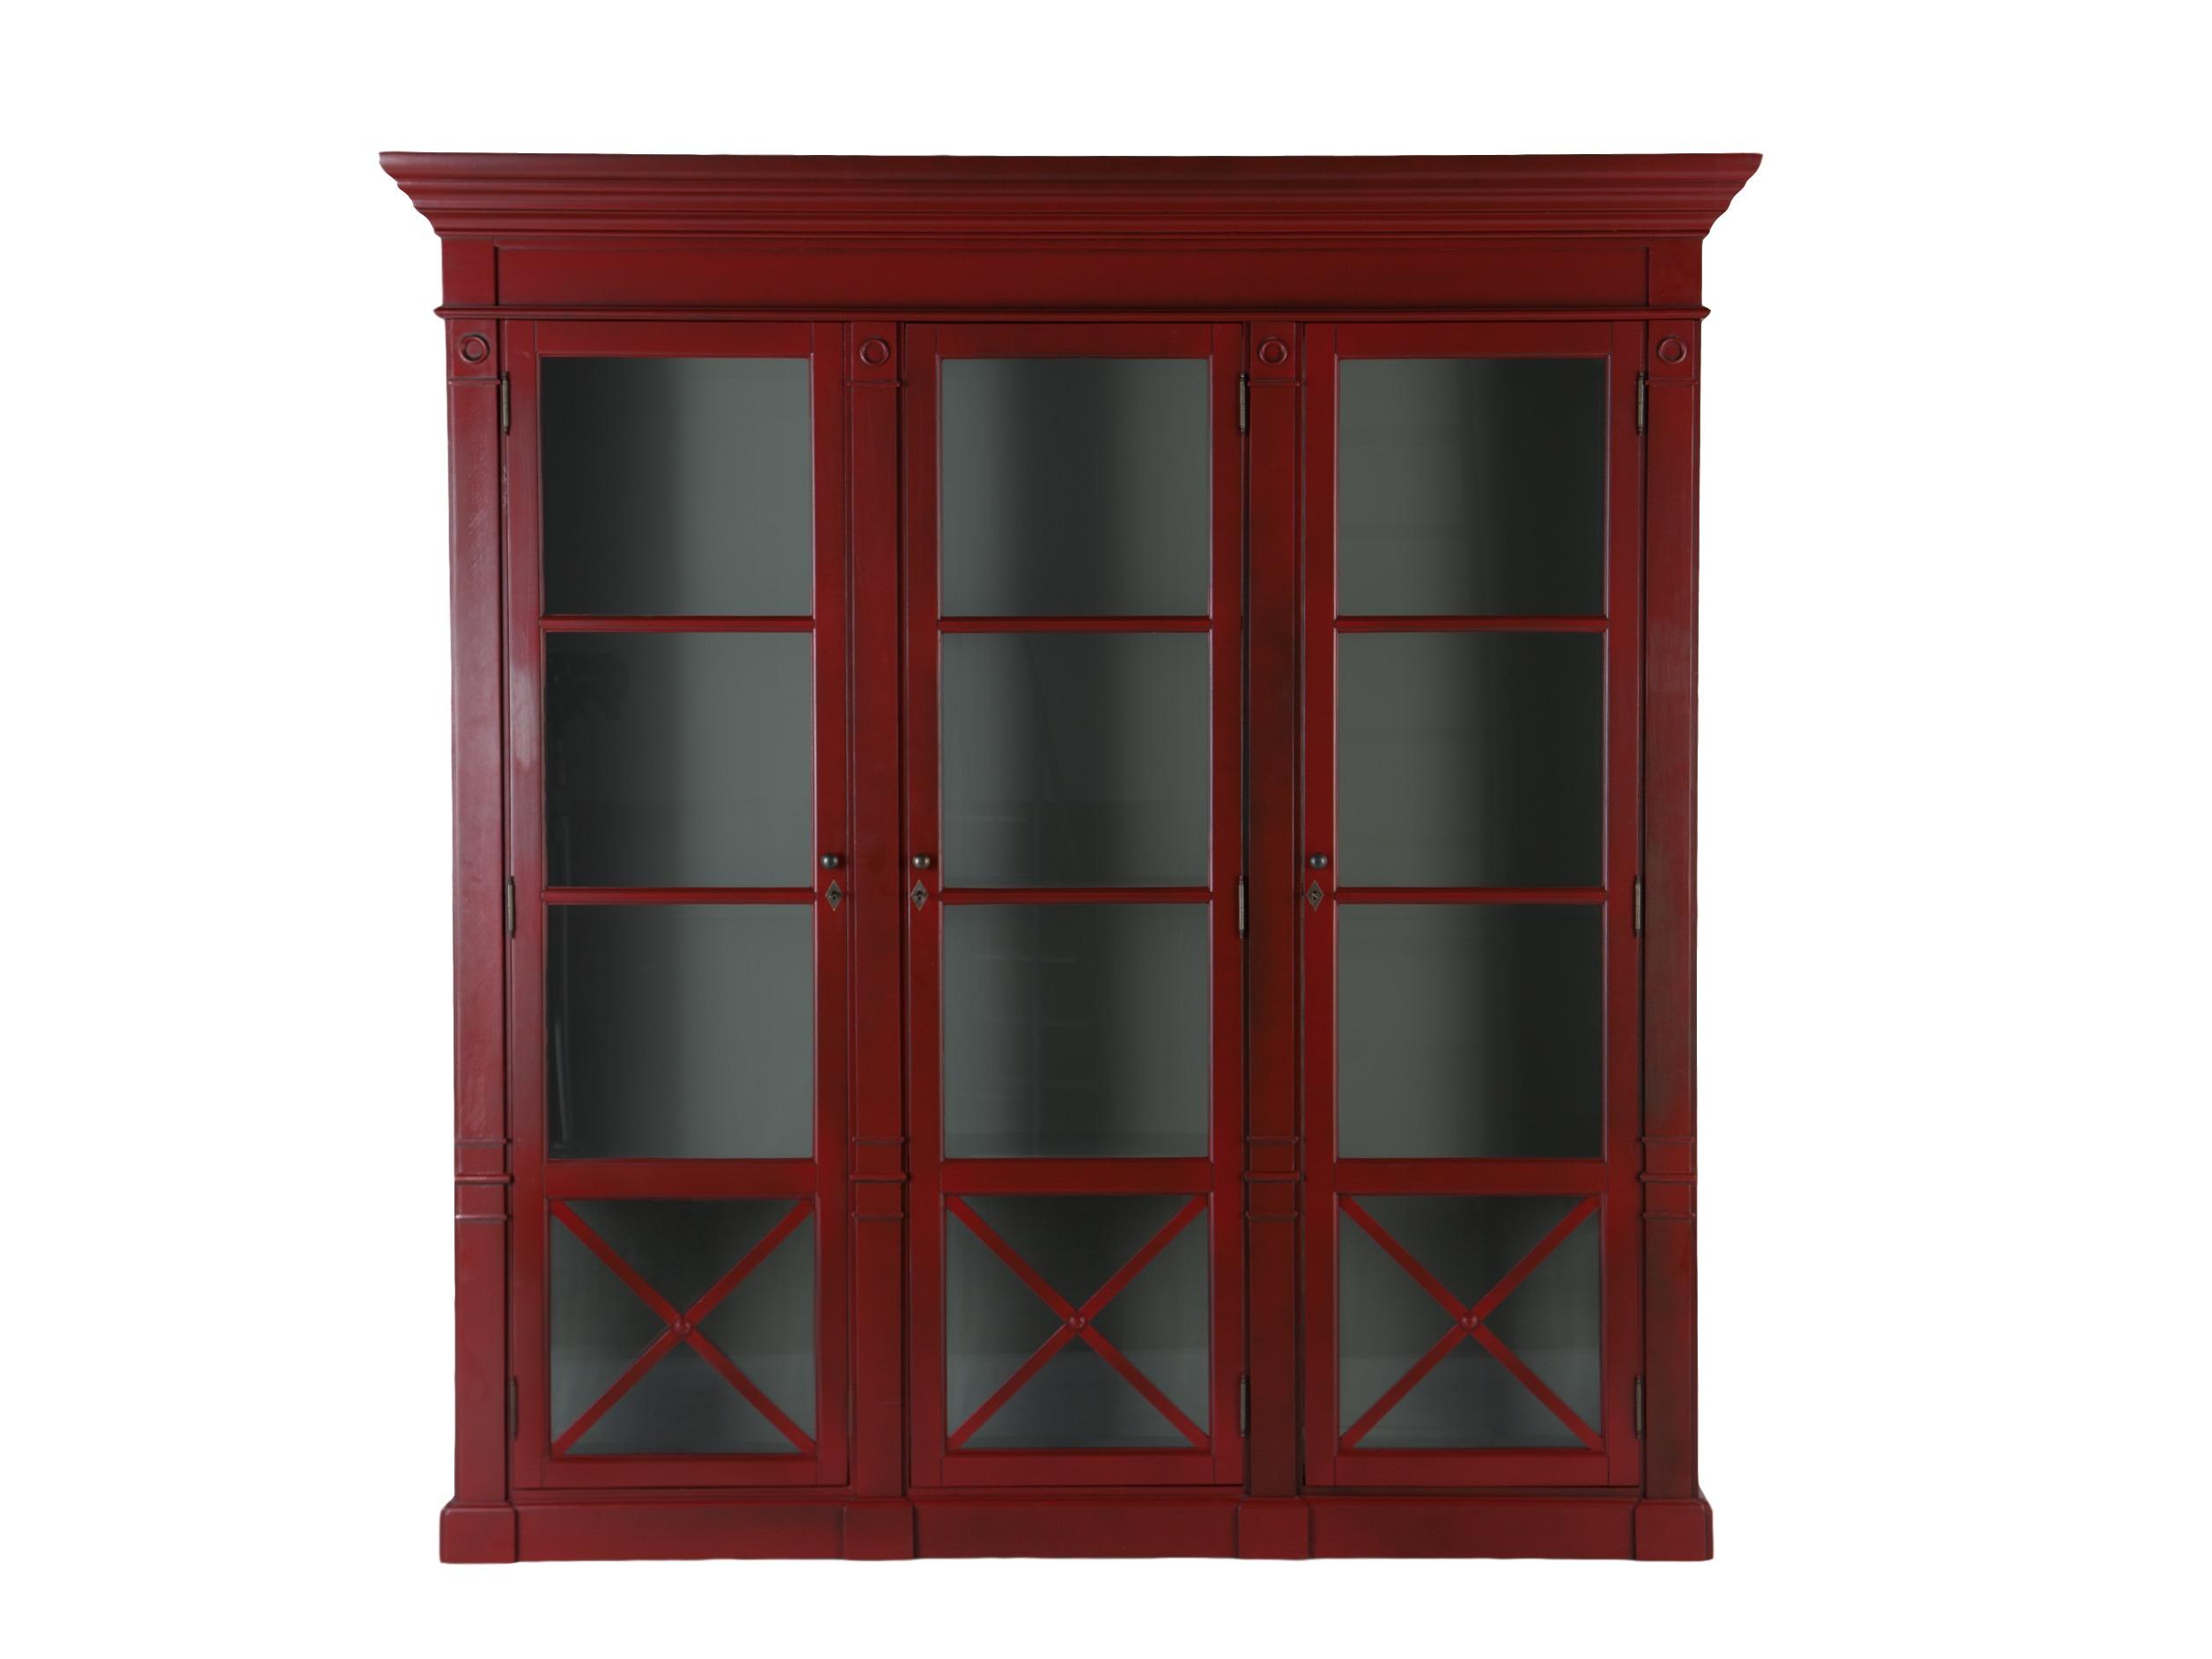 БиблиотекаКнижные шкафы и библиотеки<br>Библиотека с тремя дверцами. Дверцы со стеклом. Глубокий красный цвет снаружи дополняет серый внутри.<br><br>Material: Дерево<br>Width см: 222<br>Depth см: 48<br>Height см: 230